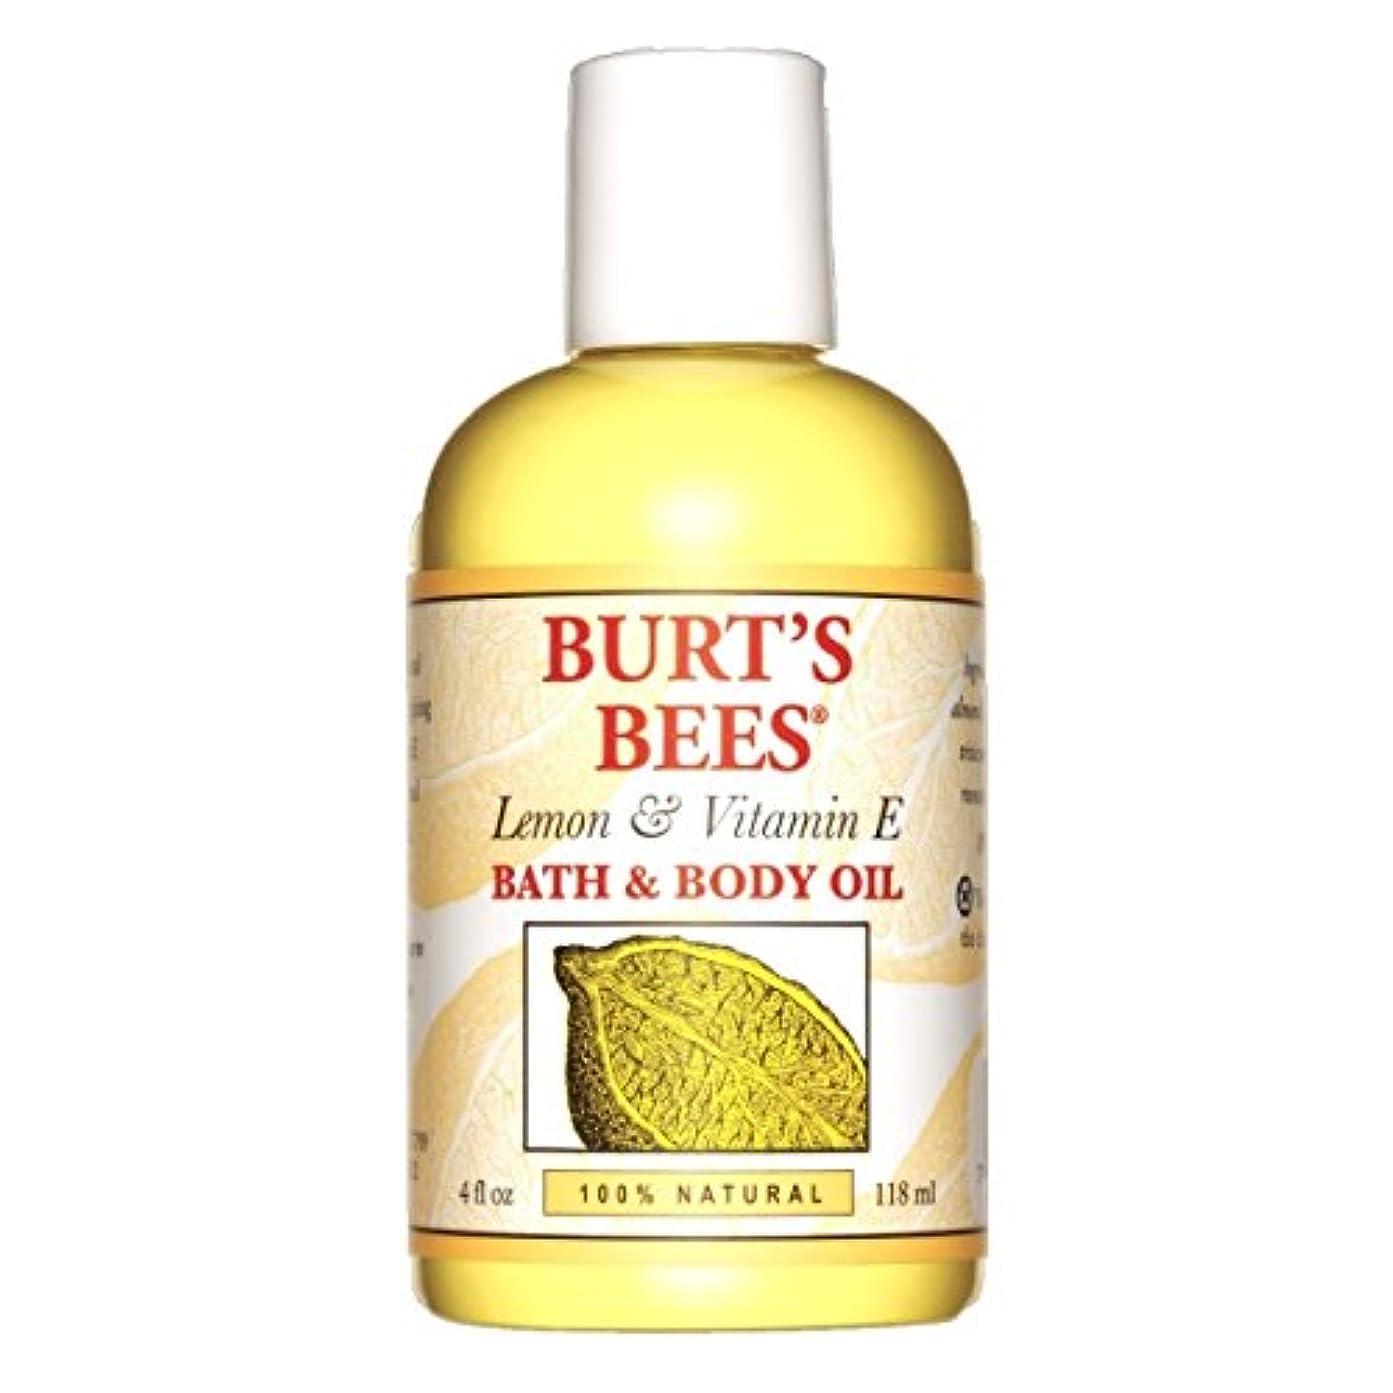 どちらか夜明け同級生バーツビーズ(Burt's Bees) レモン&ビタミンE バスアンドボディオイル 118ml [海外直送品][並行輸入品]